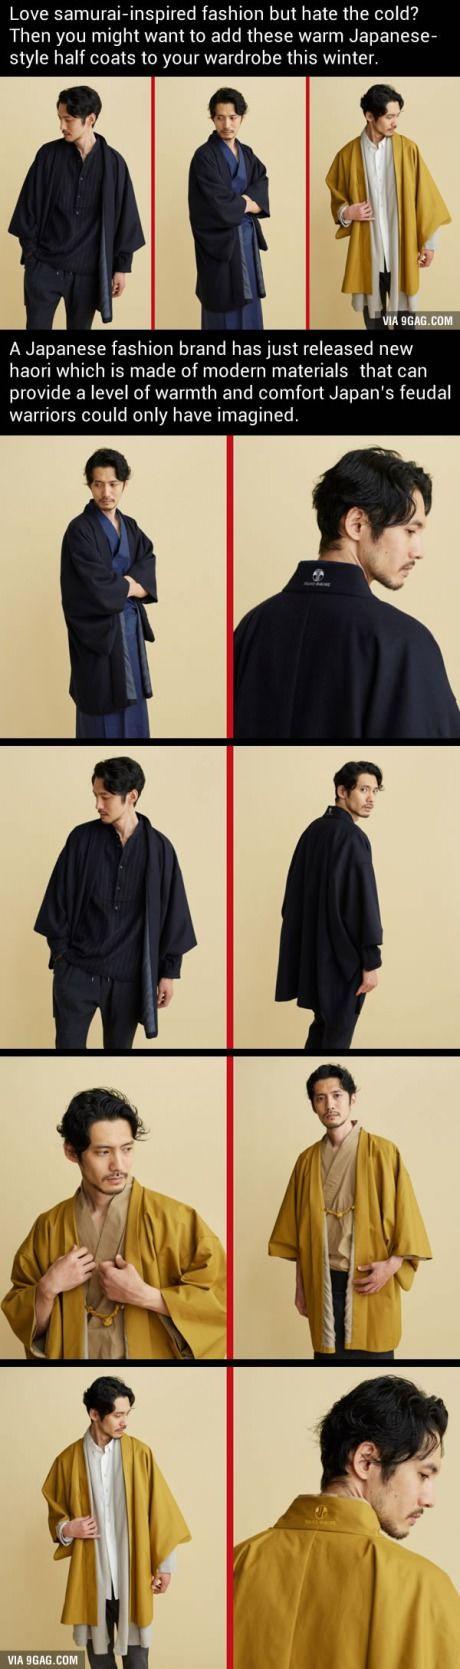 Japanese-style haori half coats make your samurai dream come true